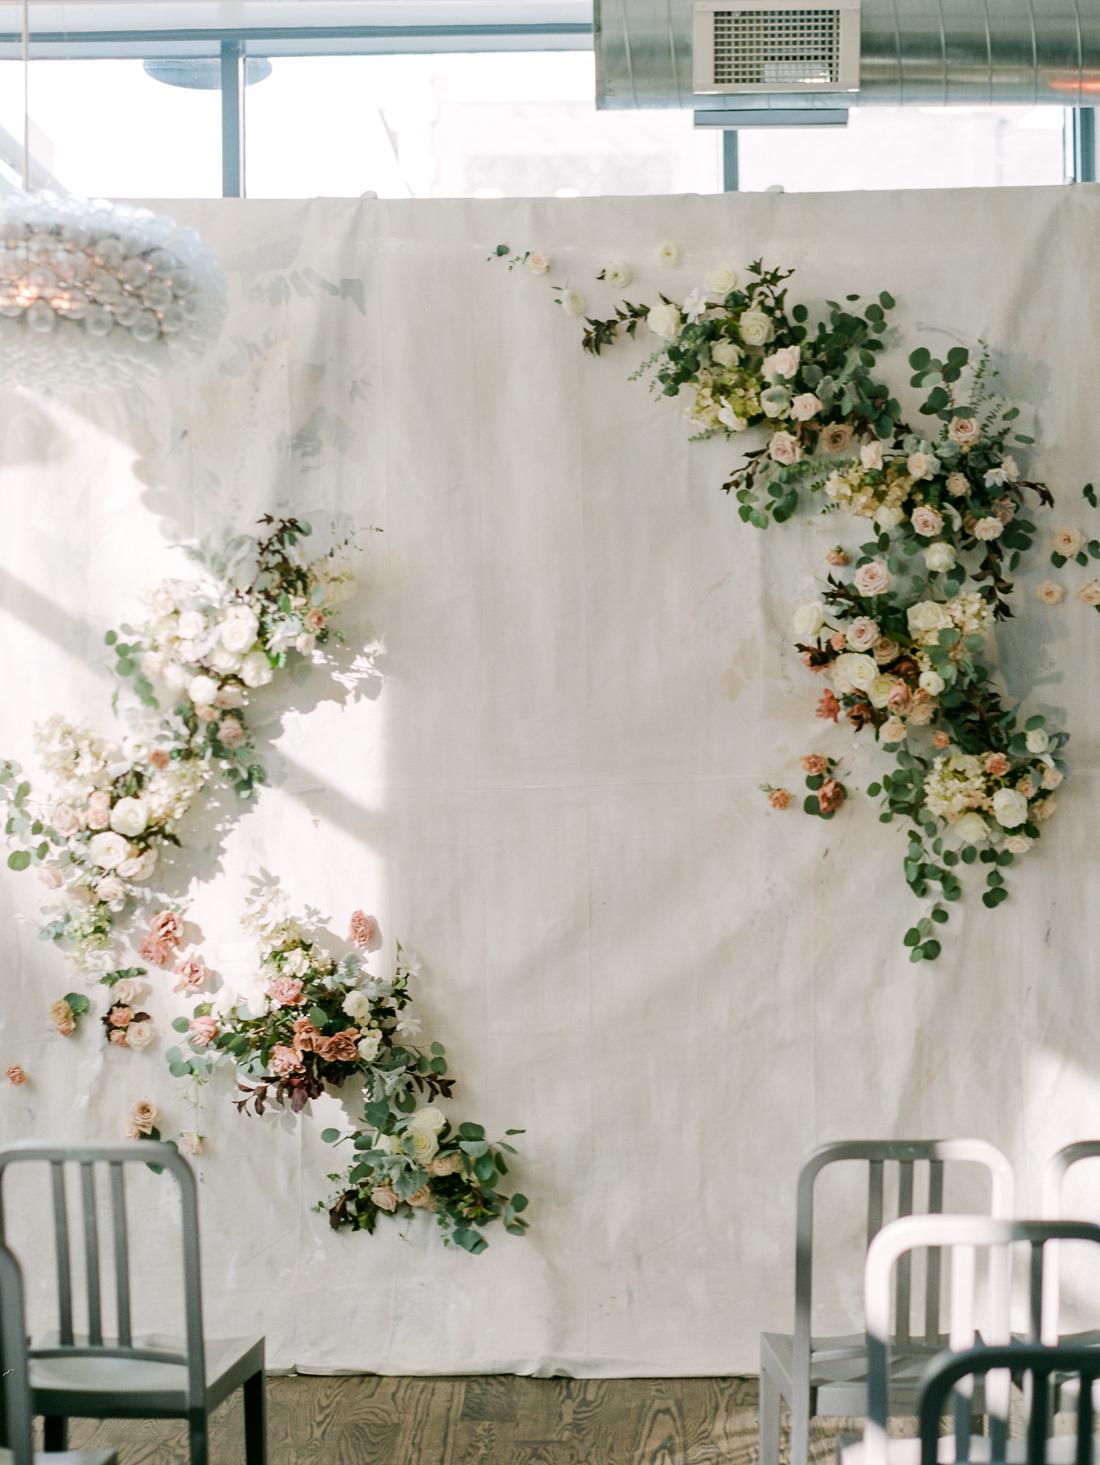 Kristin_Brett_TheKitchen_Denver_Wedding_by_Connie_Whitlock_web_162.jpg